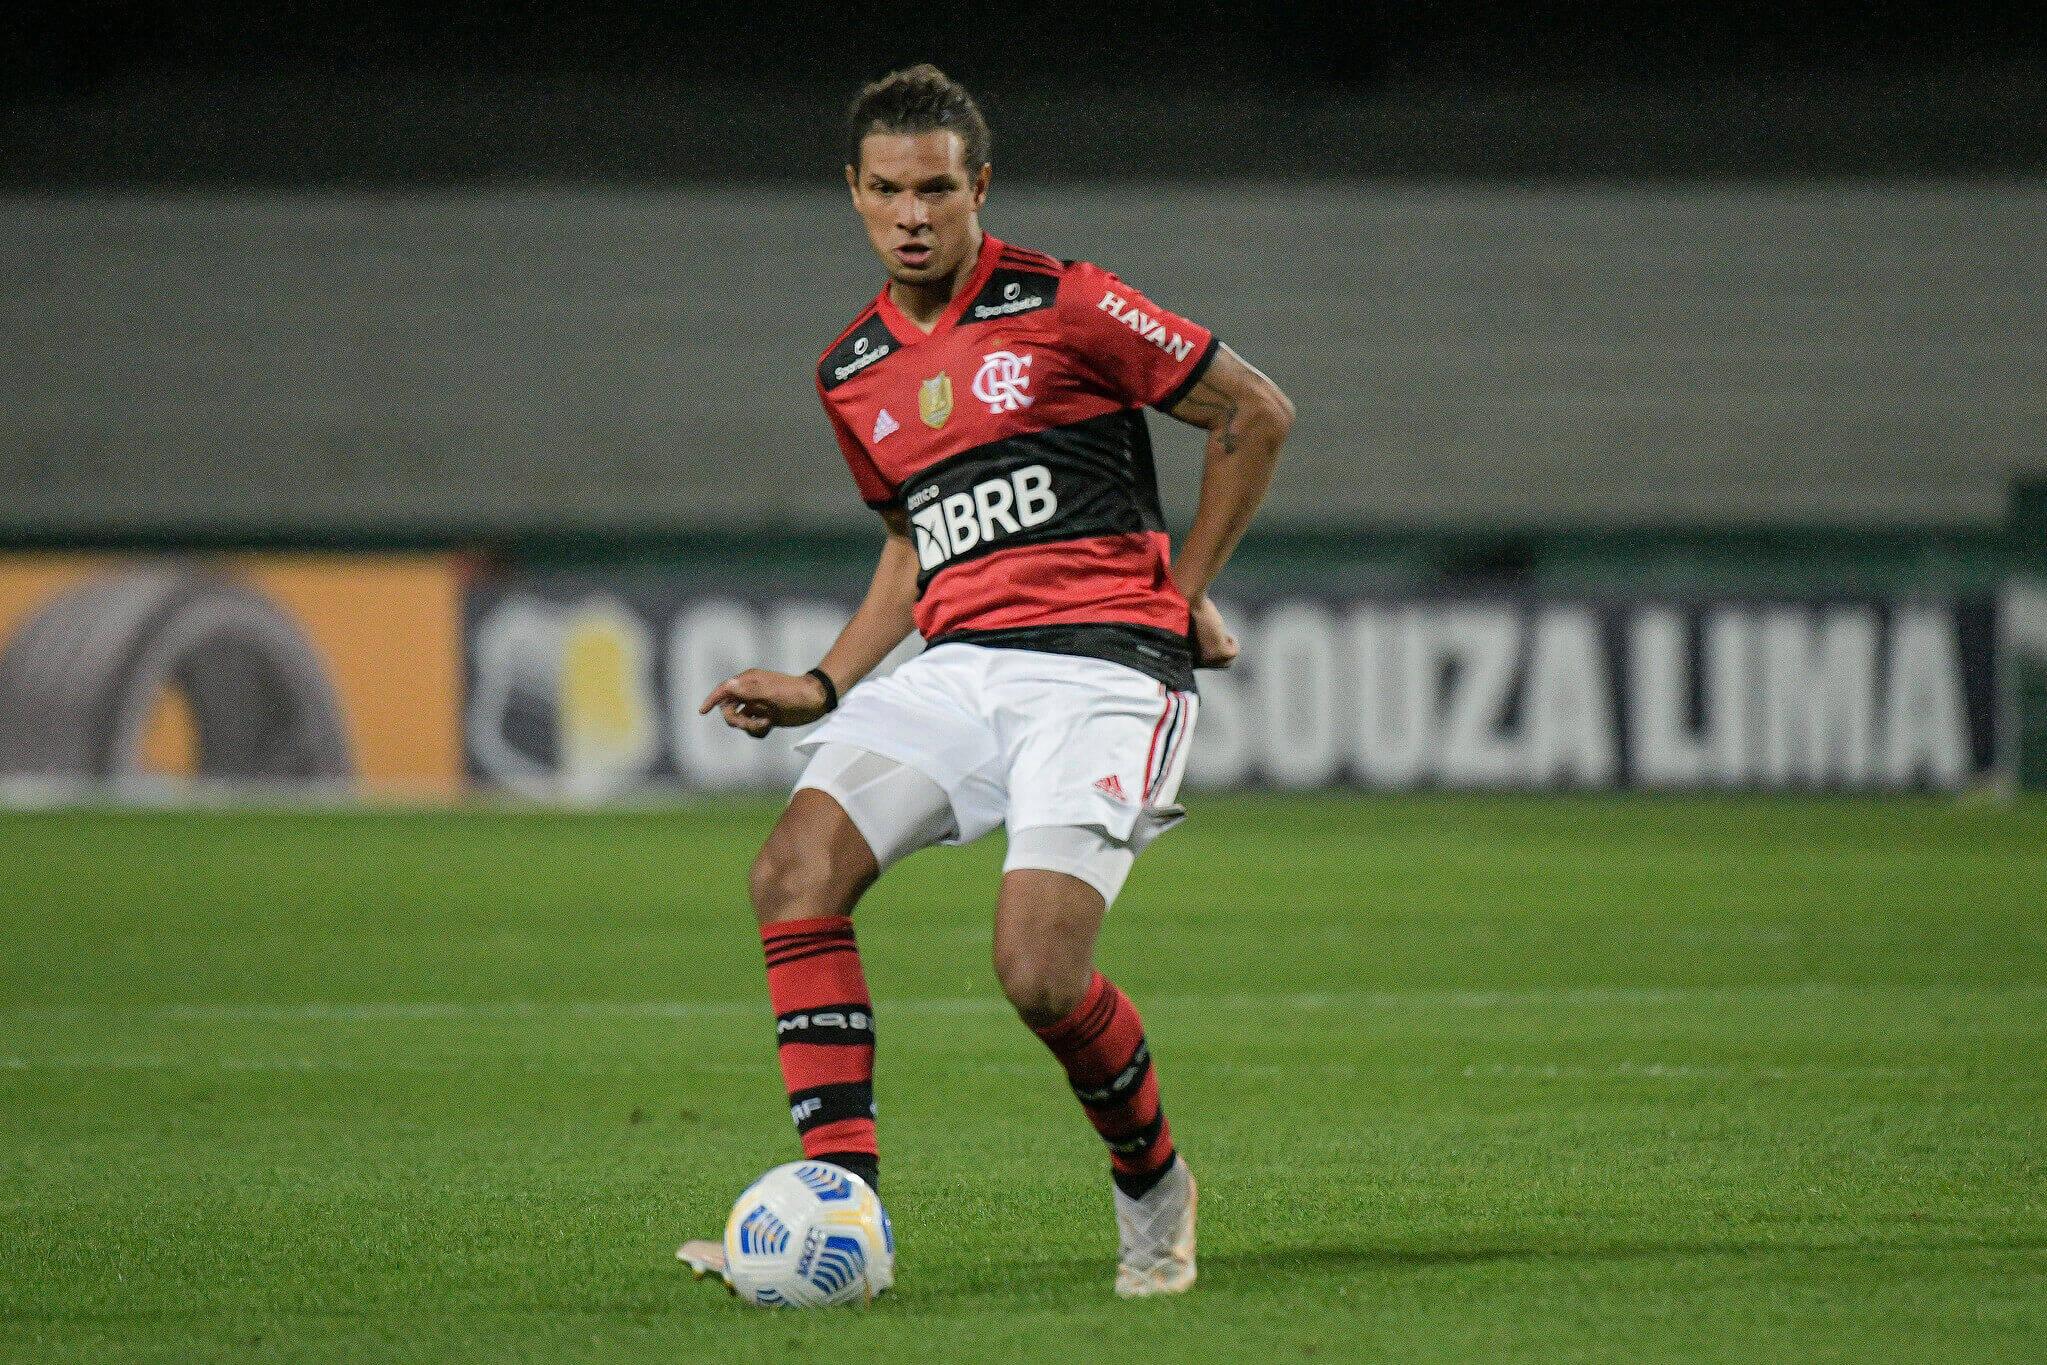 Foto: Alexandre Vidal / Flamengo